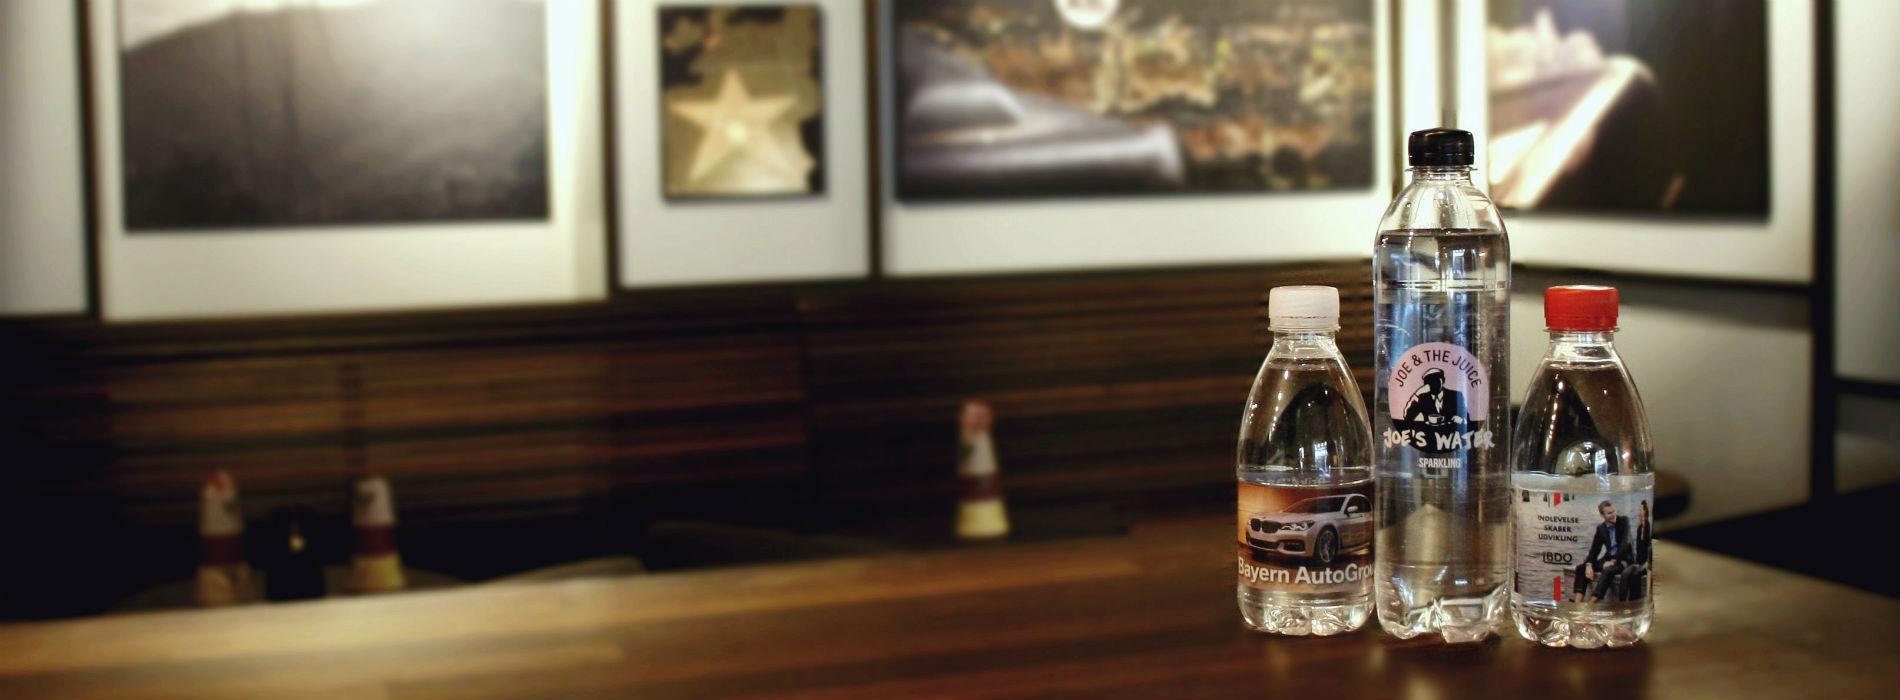 Flasker med logo til dit firma